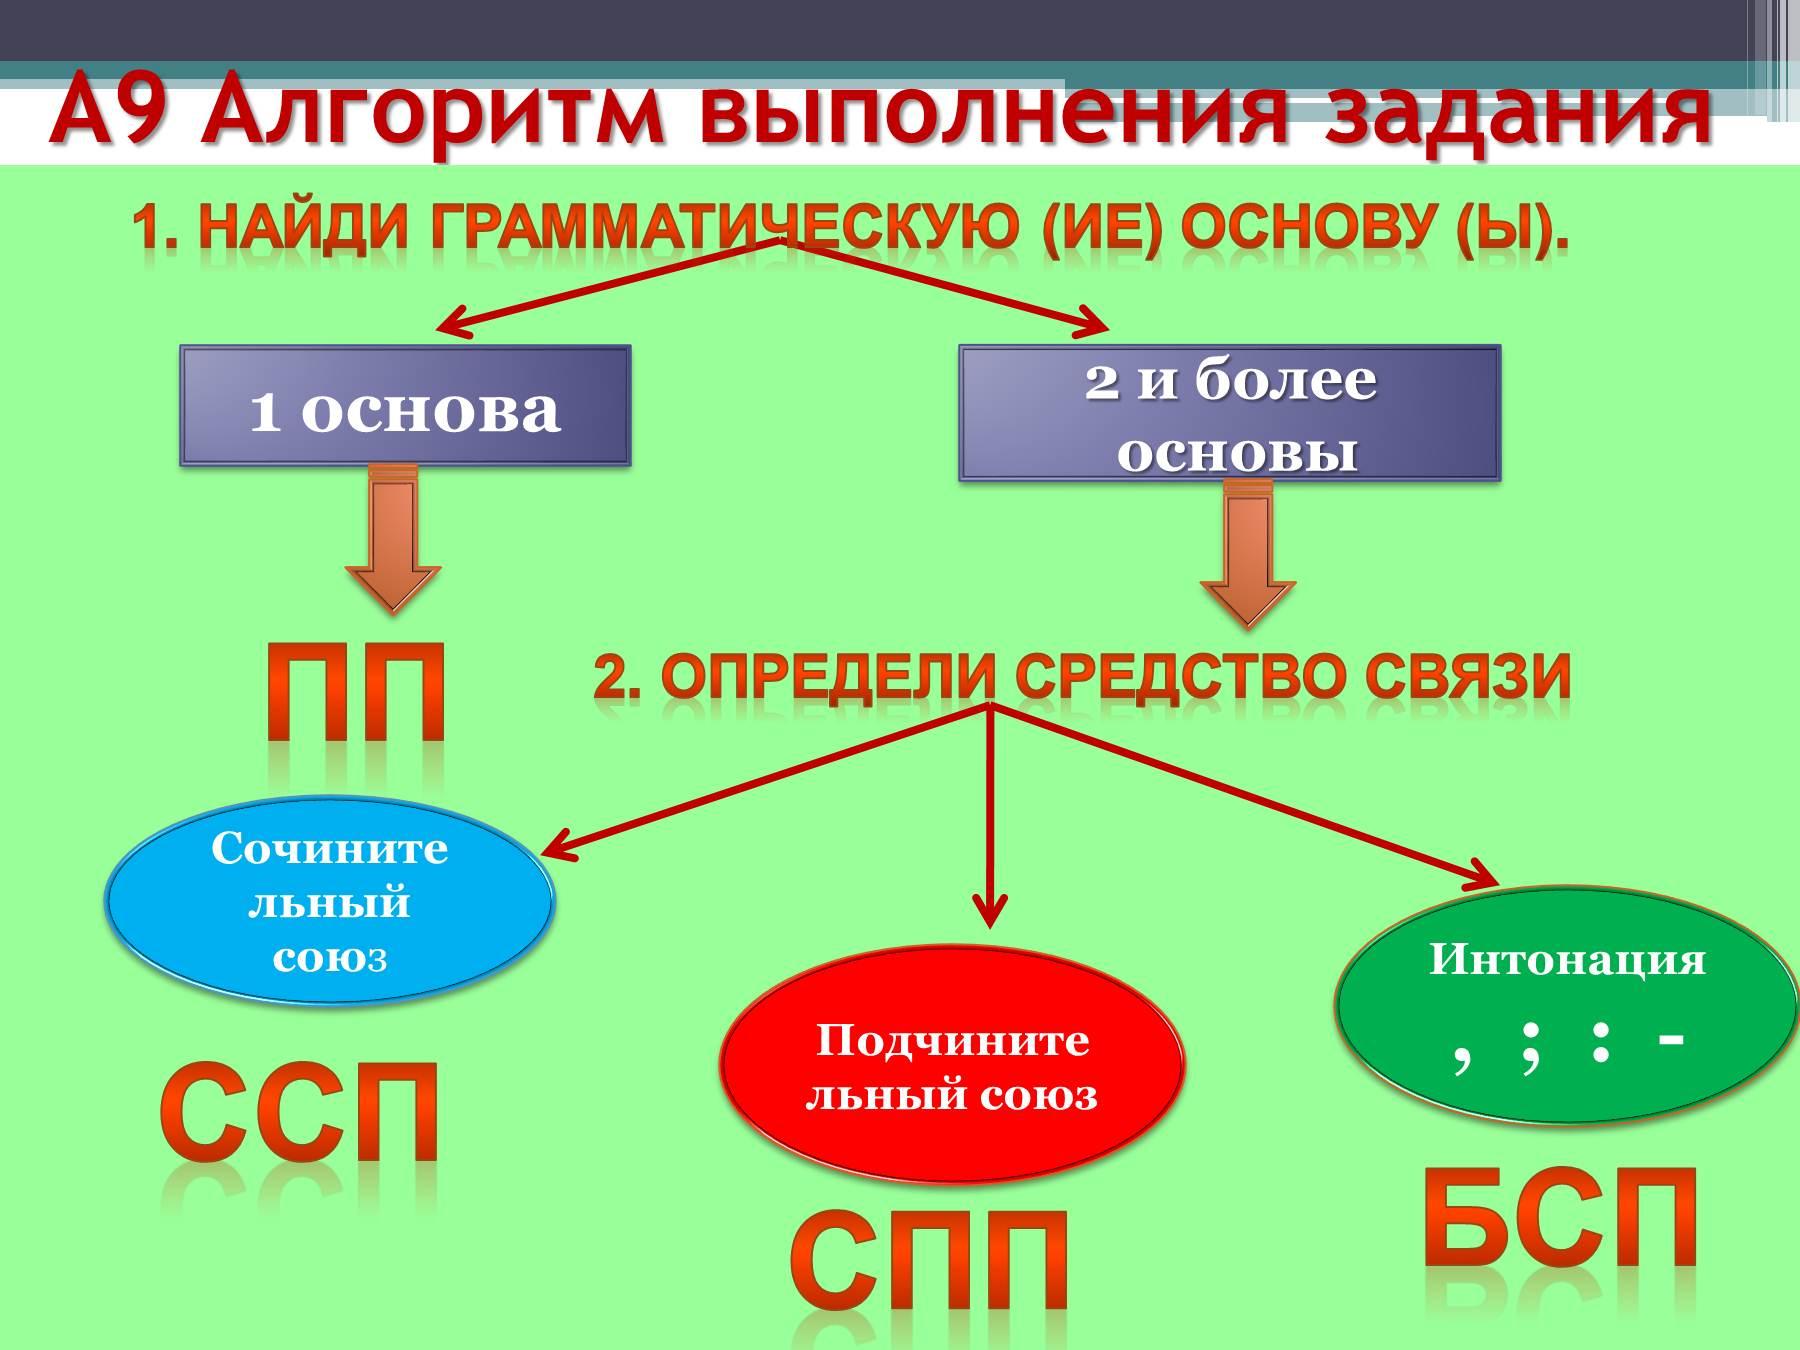 Предложения с чужой речью схемы